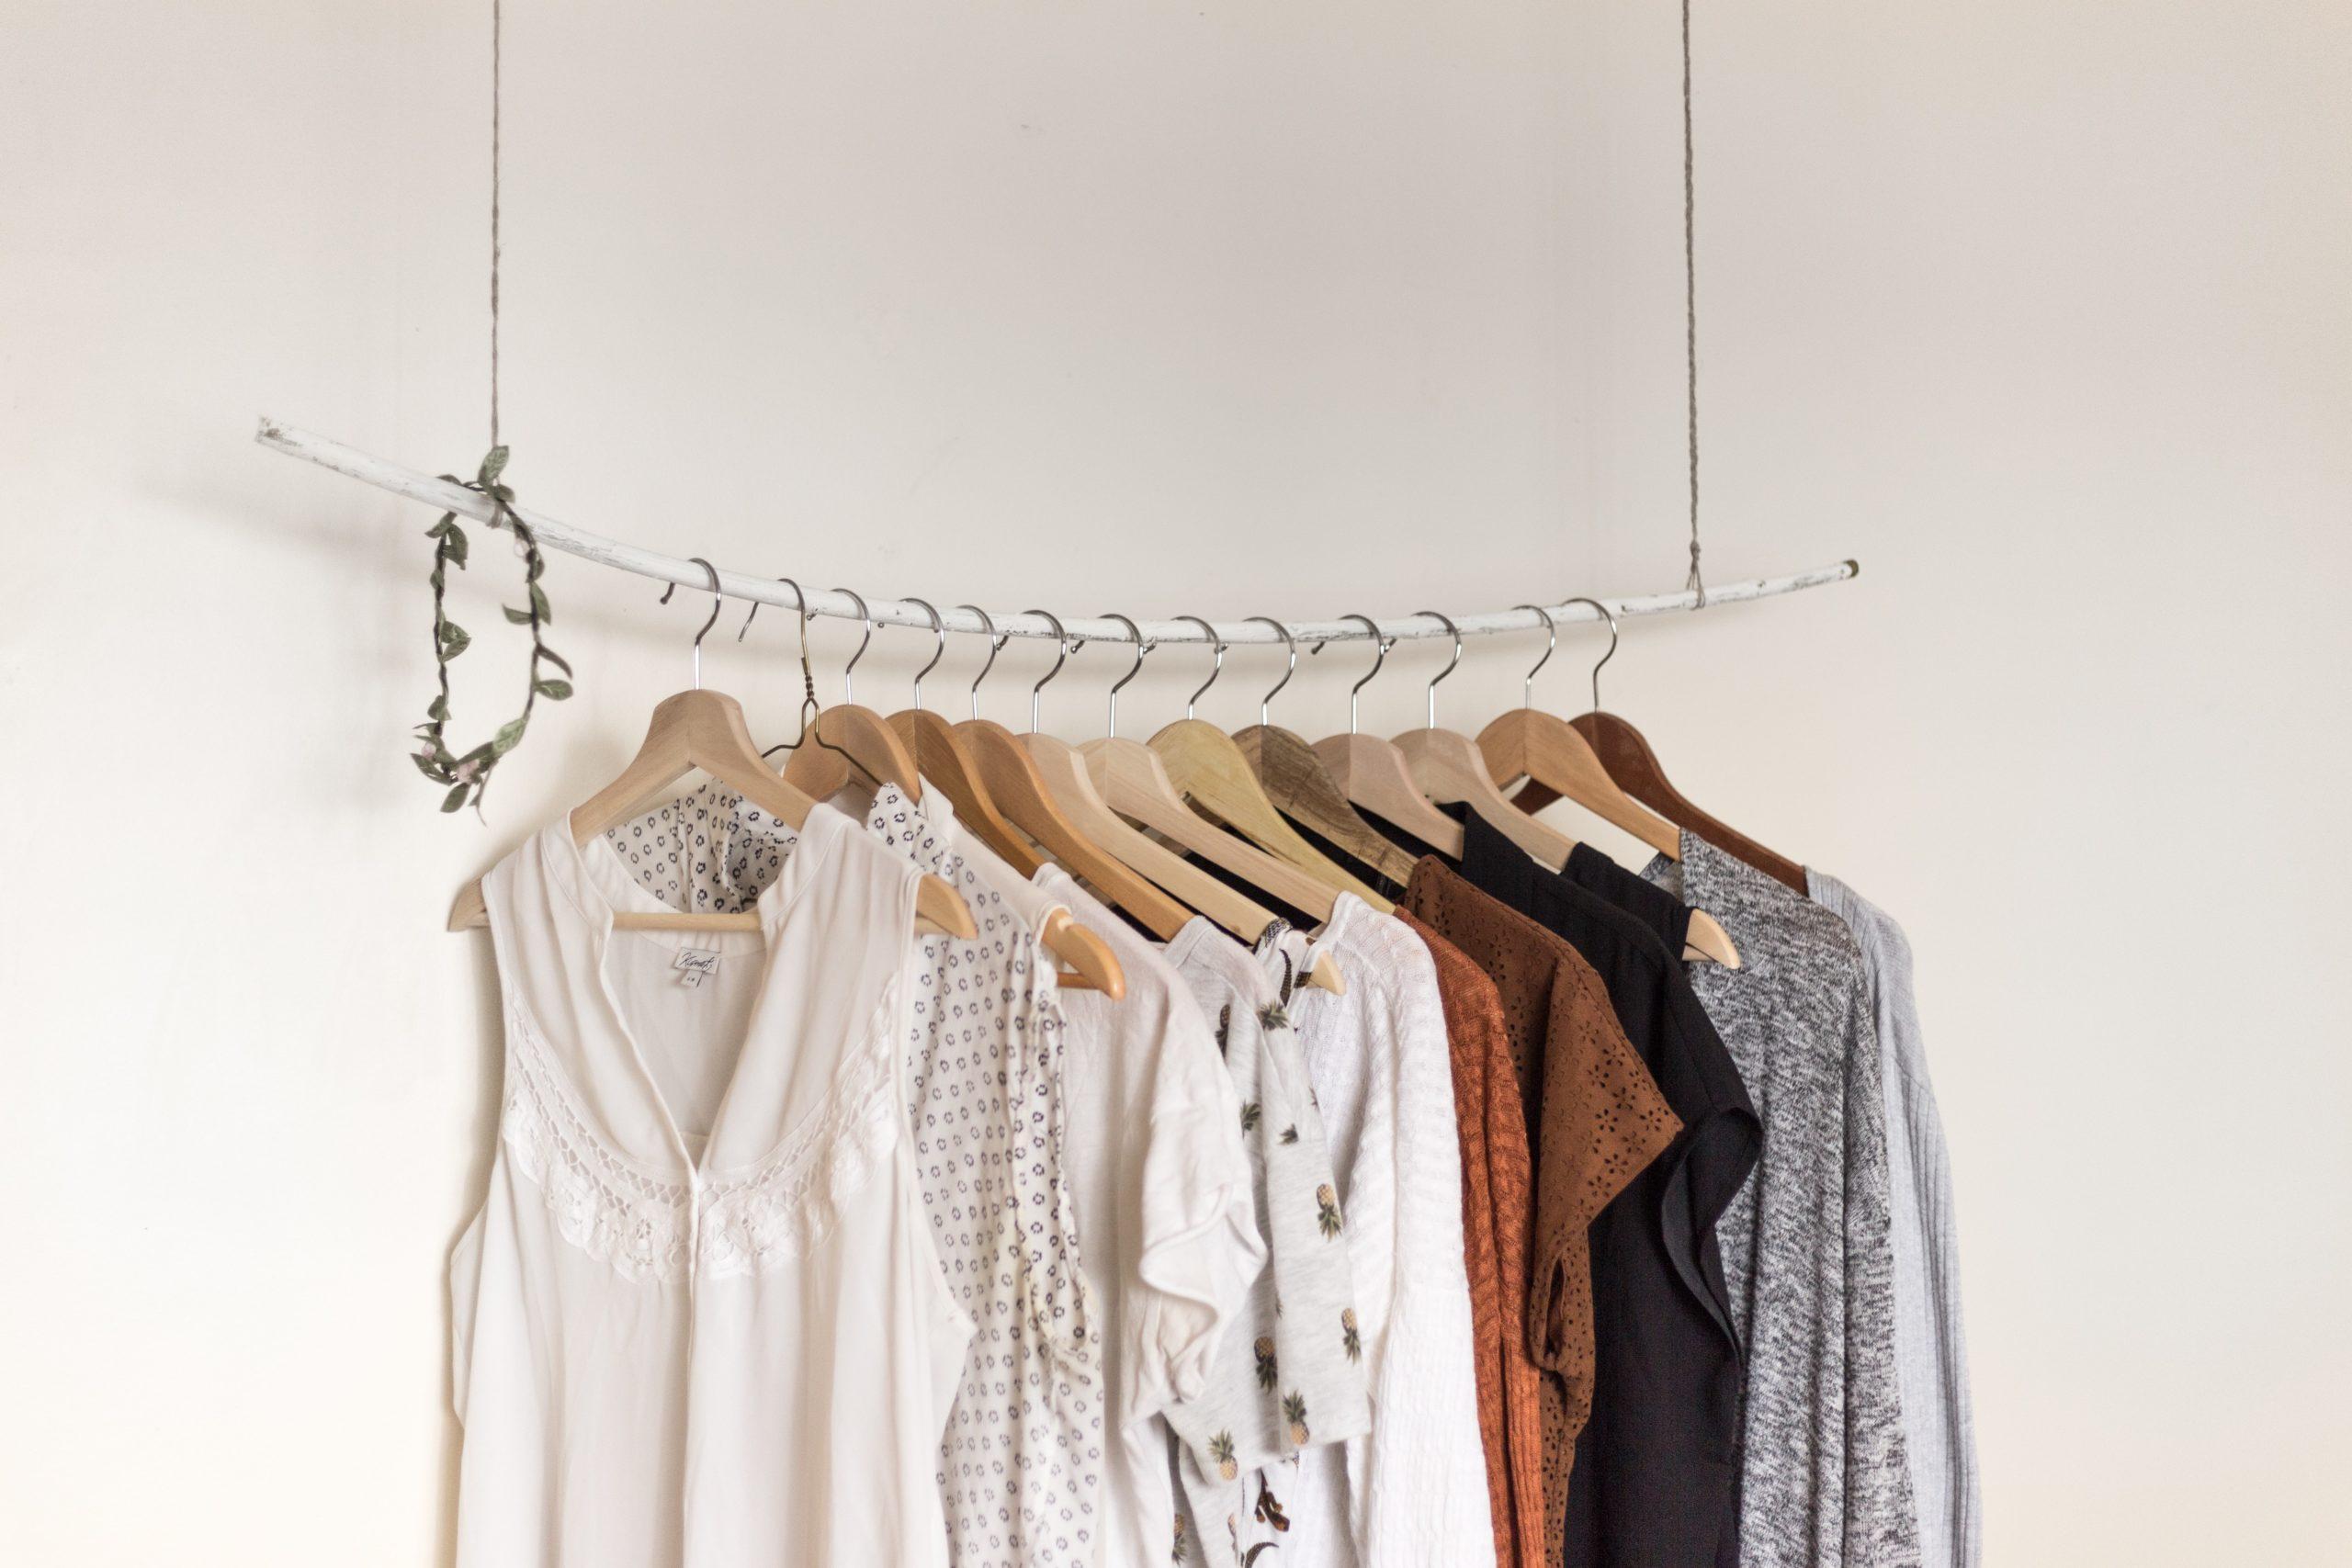 Ρούχα Κυκλική Οικονομία